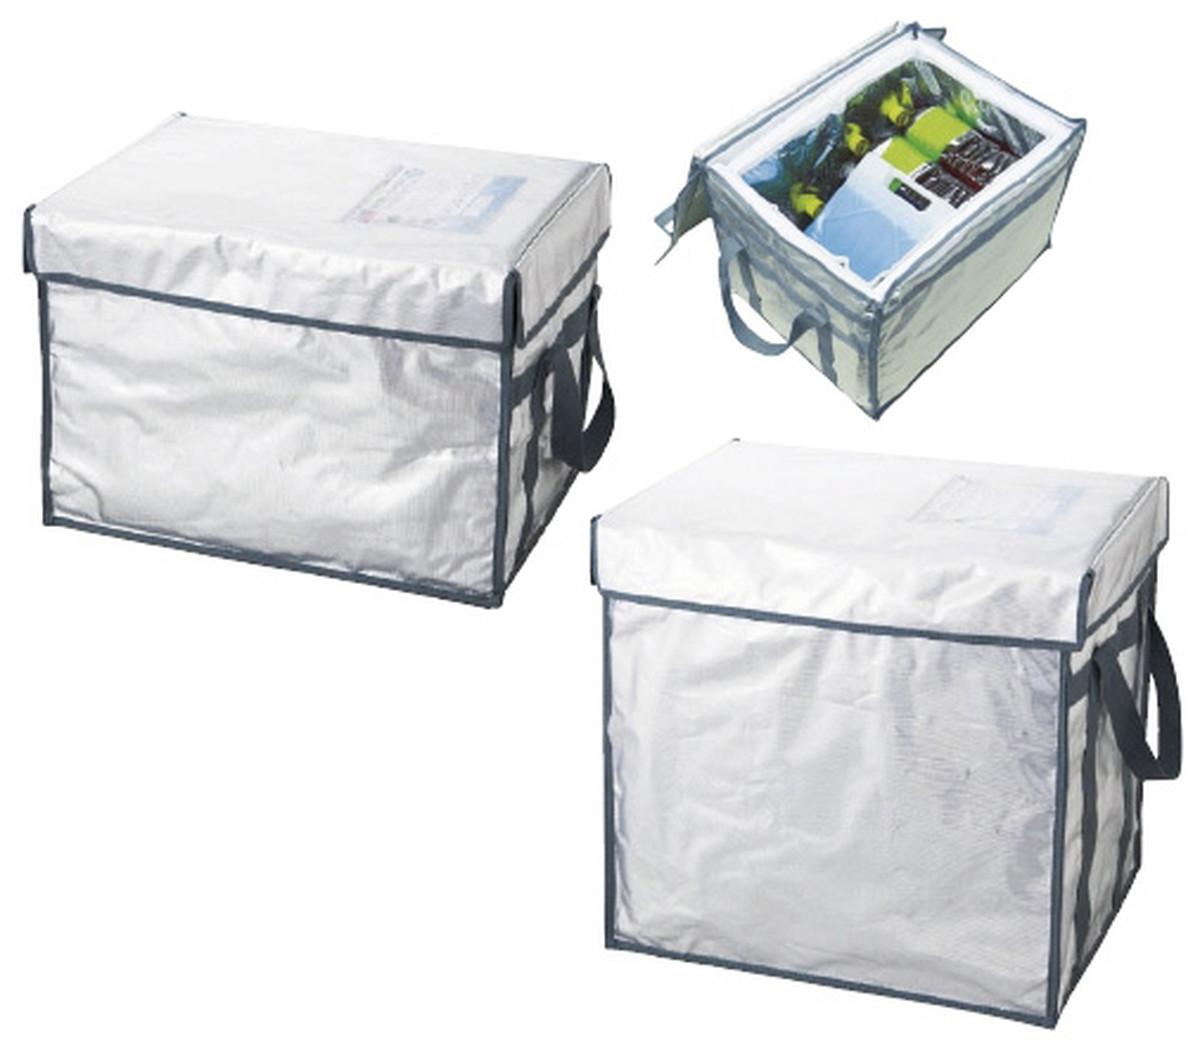 ★ポイント最大14倍★【送料無料】-超保冷クーラーボックス TCB-50(50L) 品番 my24-4732-01-- 1入り-【MY医科器機】JAN 4989999383645